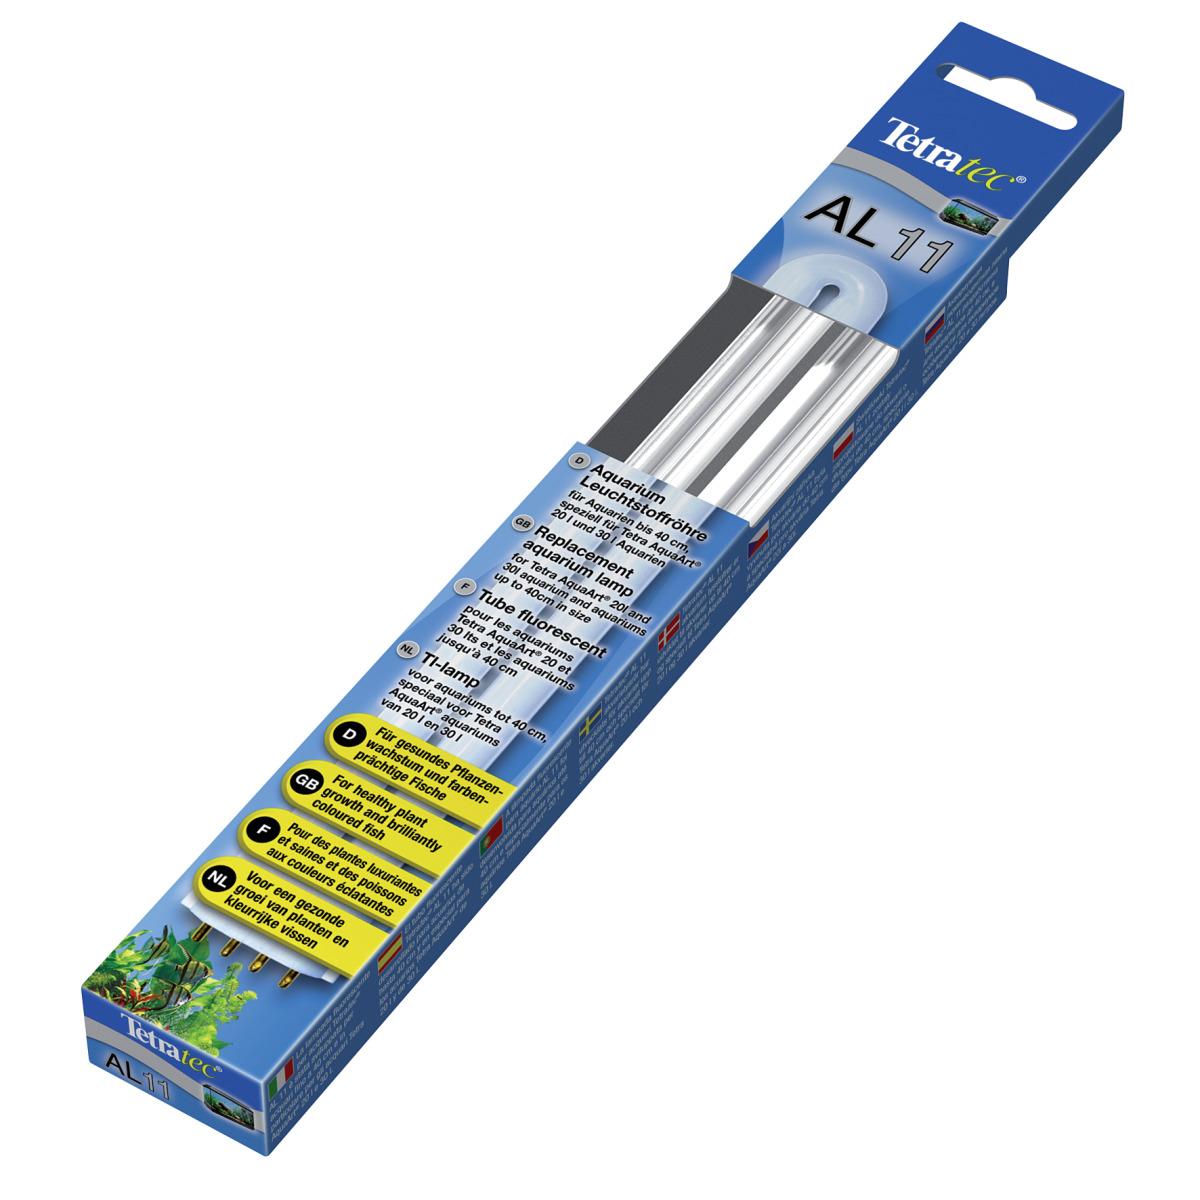 TETRA AL11 ampoule compacte 11W spéciale eau douce avec culot 2G7